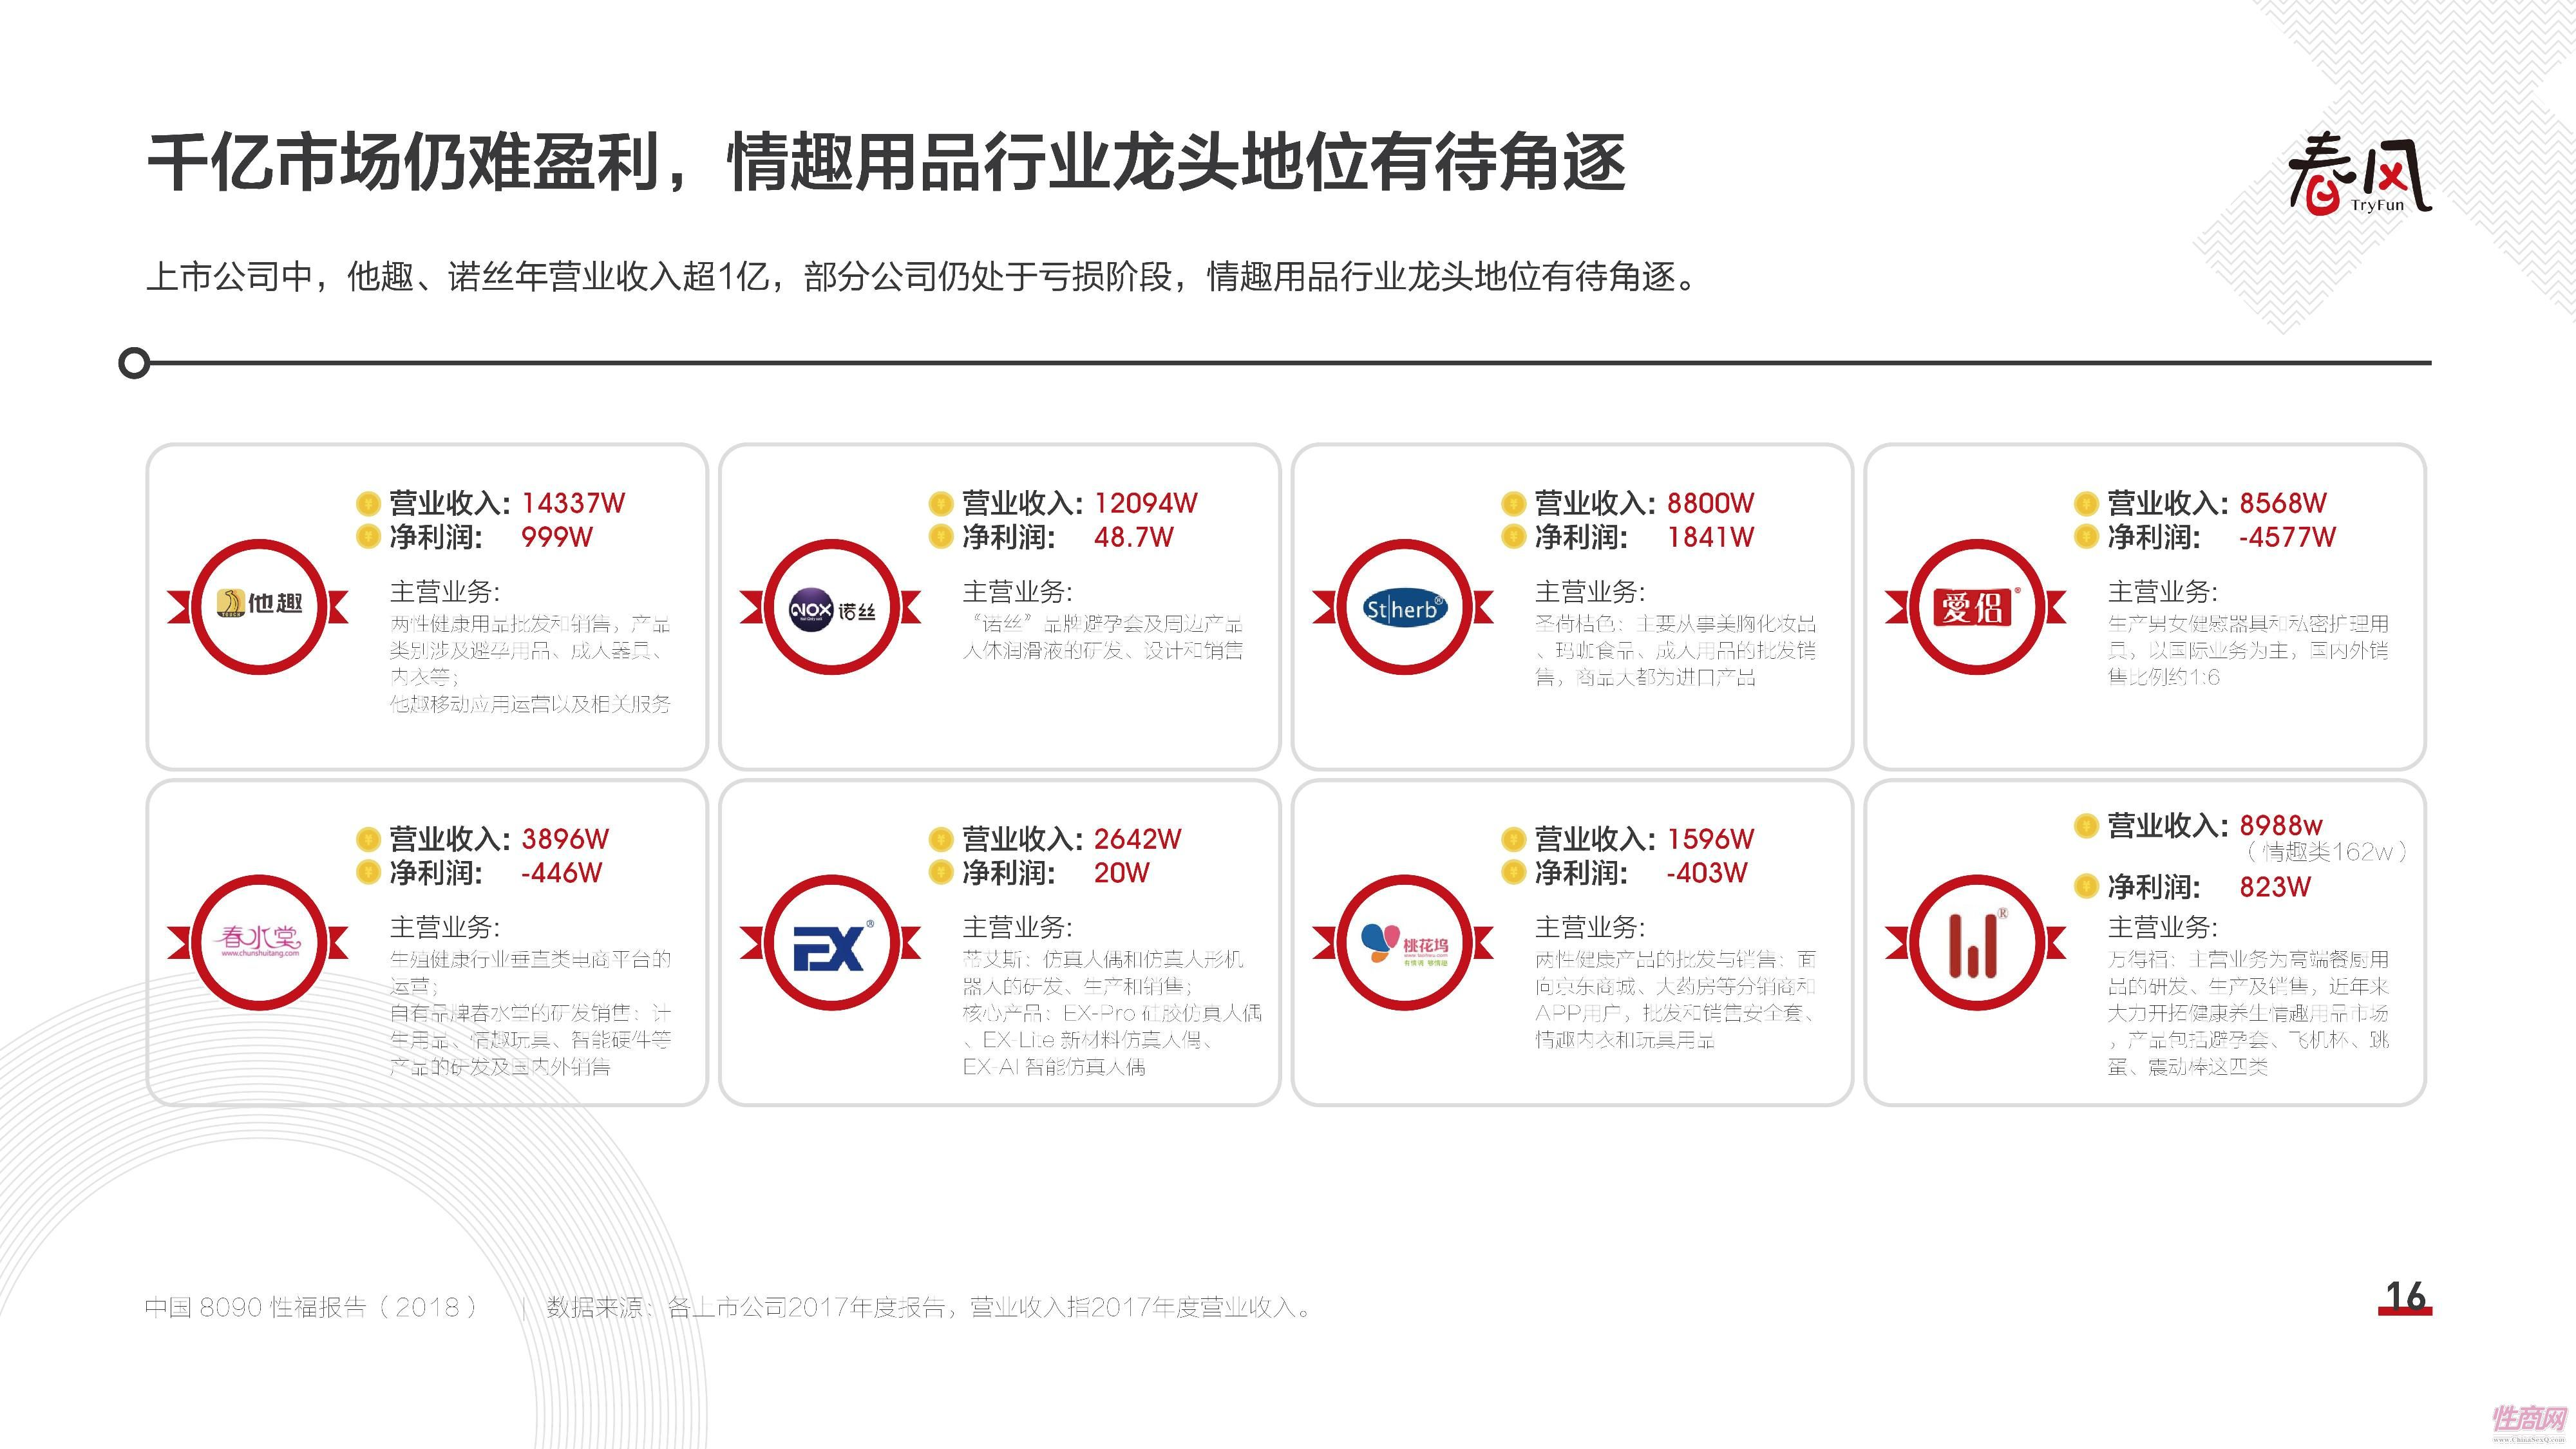 18中国8090性福报告 (15)